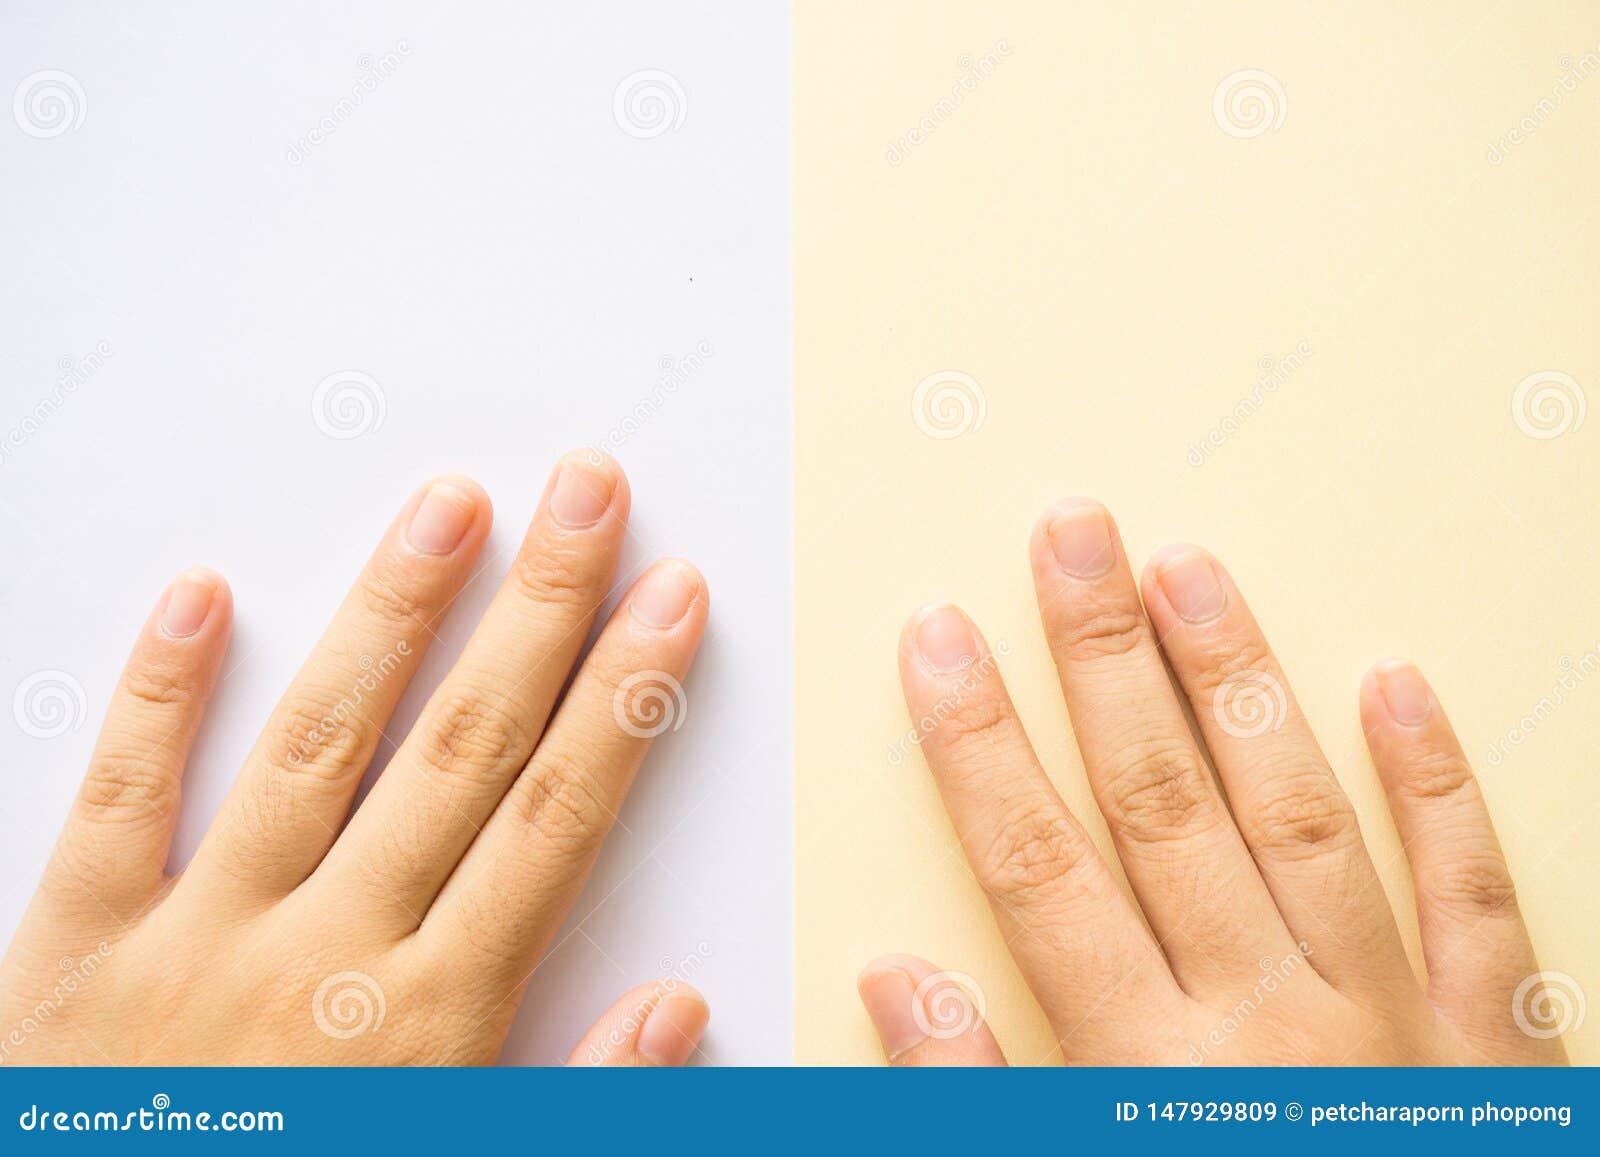 Ręka na białym tle i koloru żółtego tle